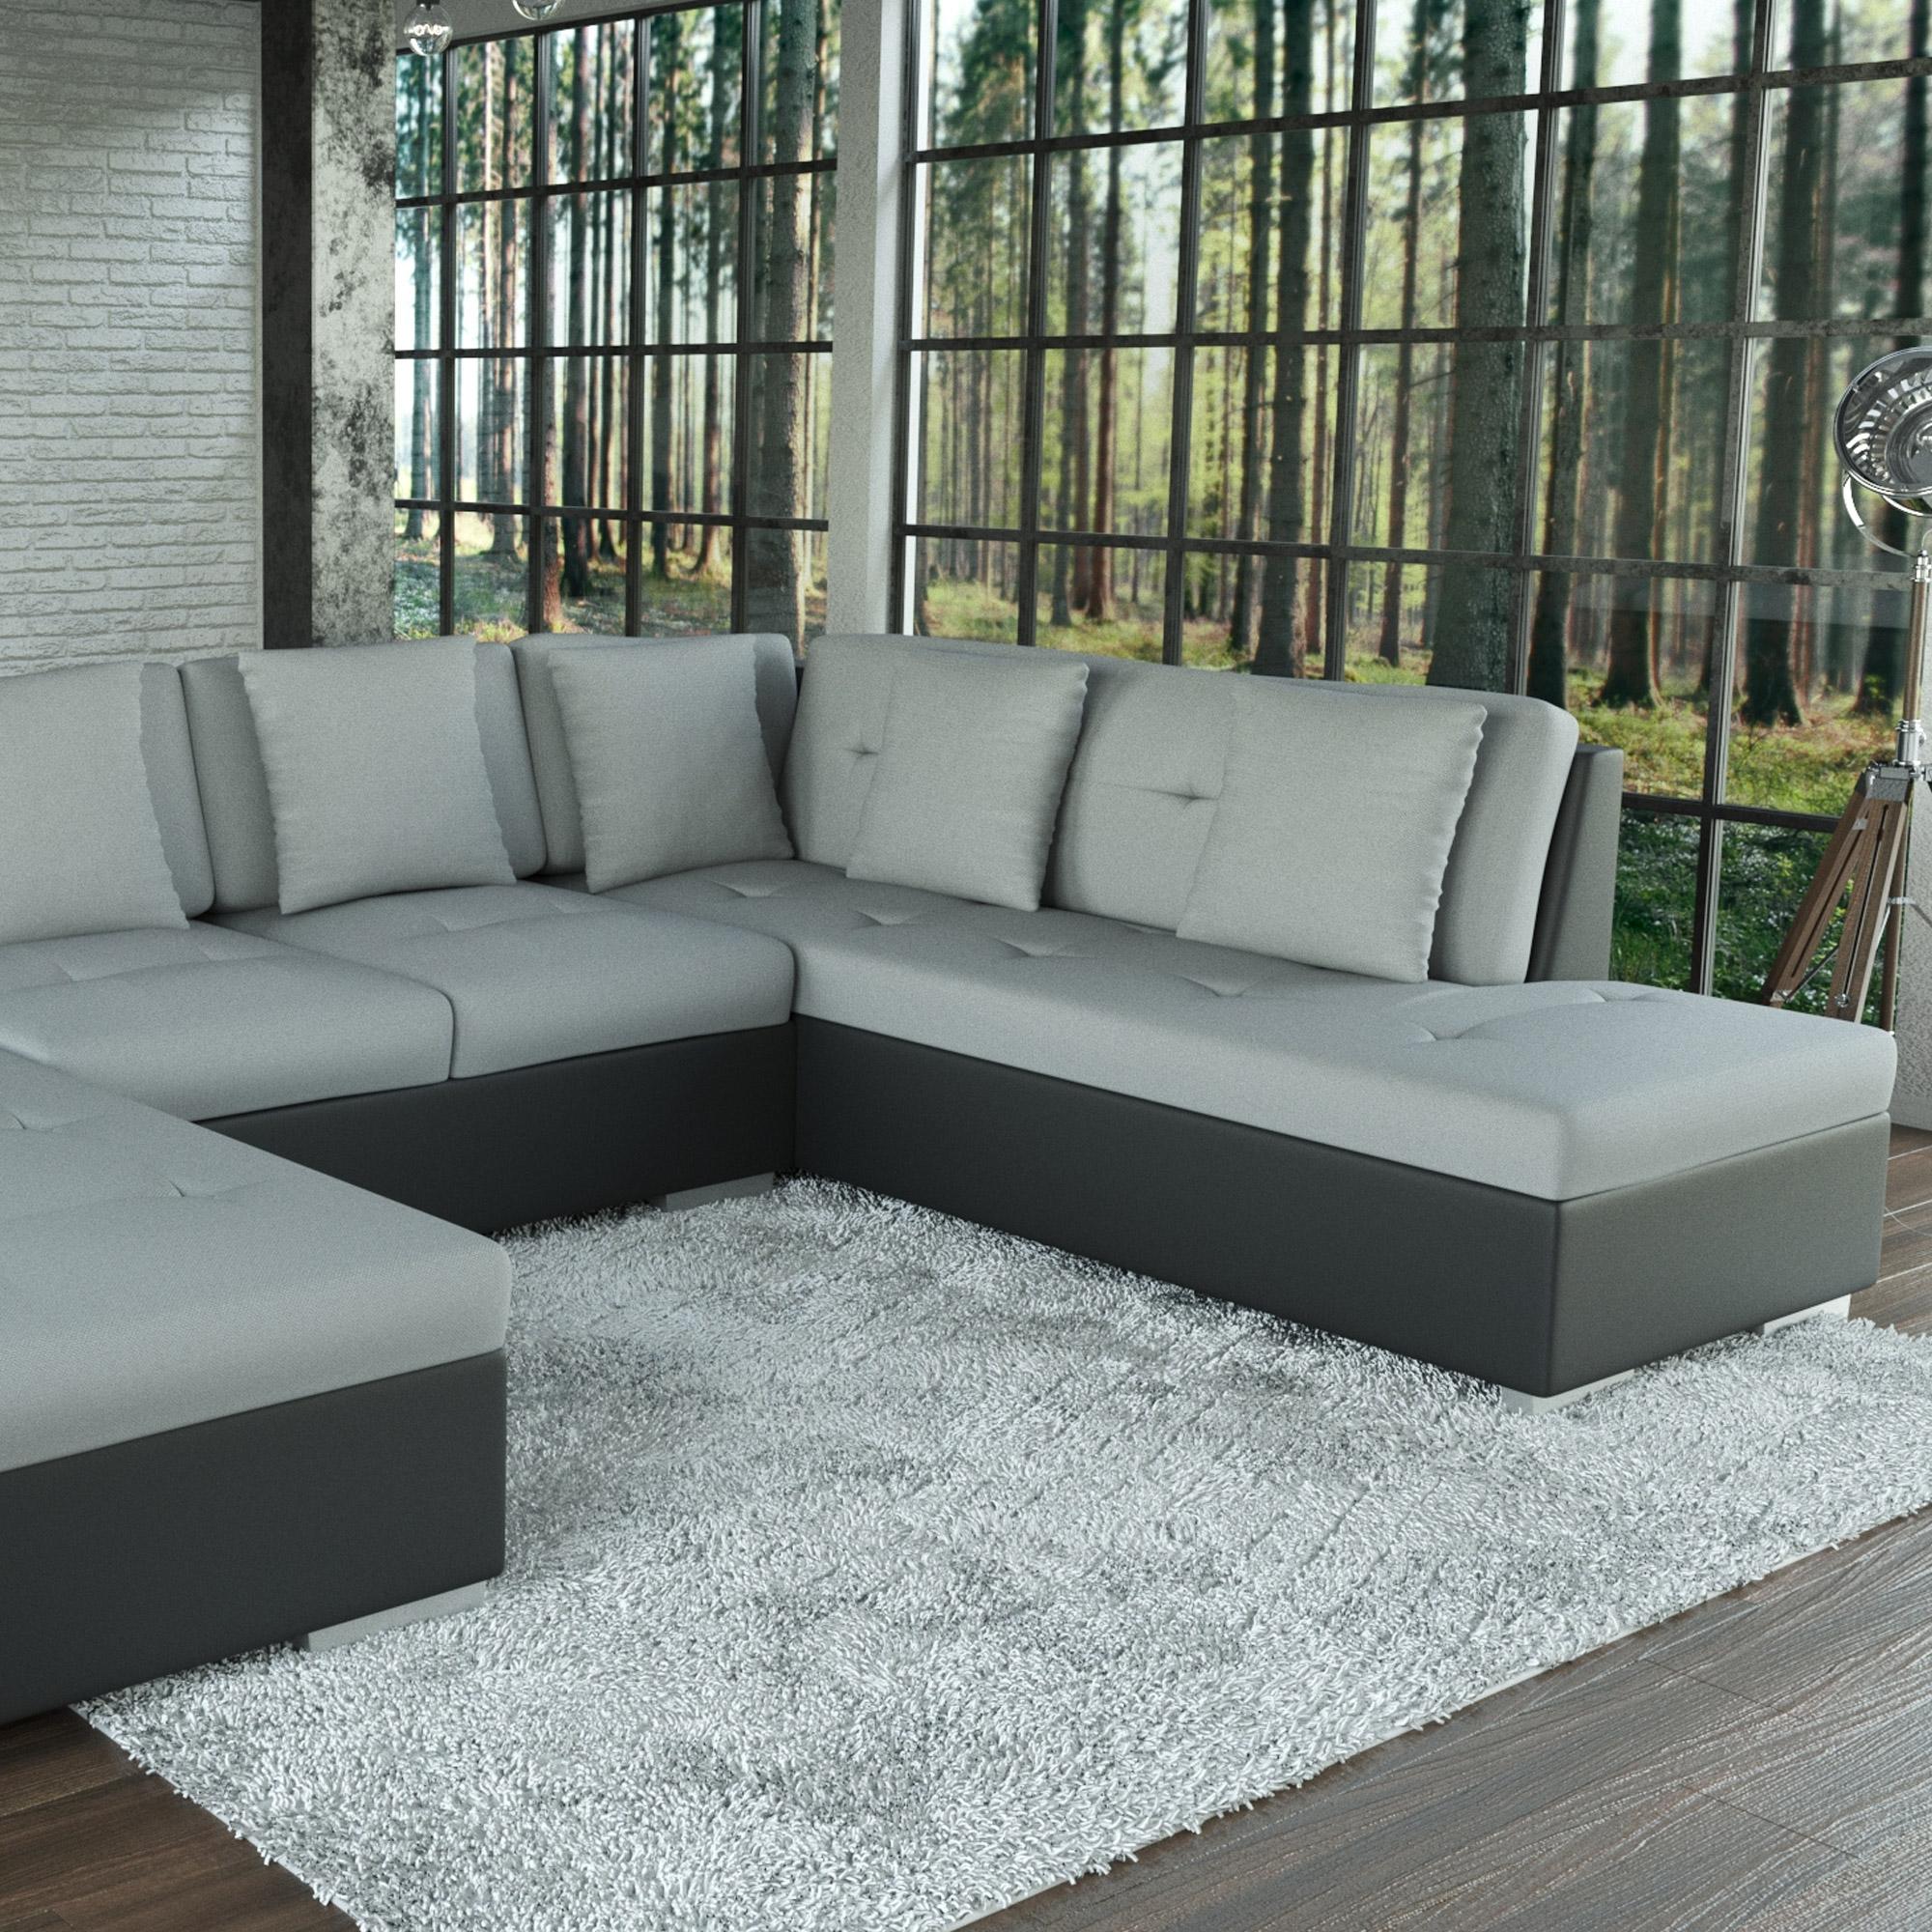 Sofa galera schwarz grau ecksofa wohnlandschaft u form for U couch grau